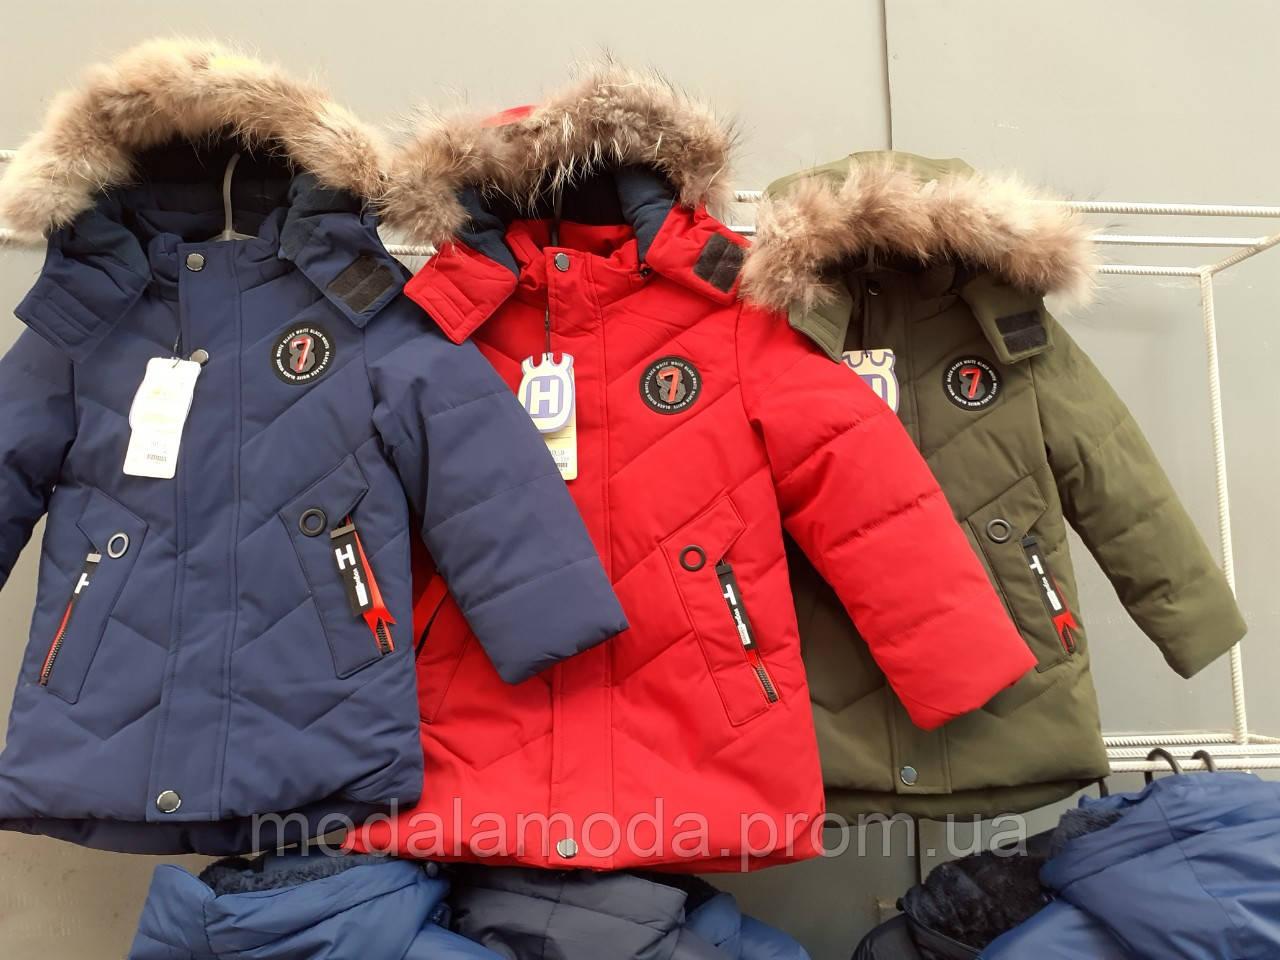 Куртка зимняя!!! Только опт!!